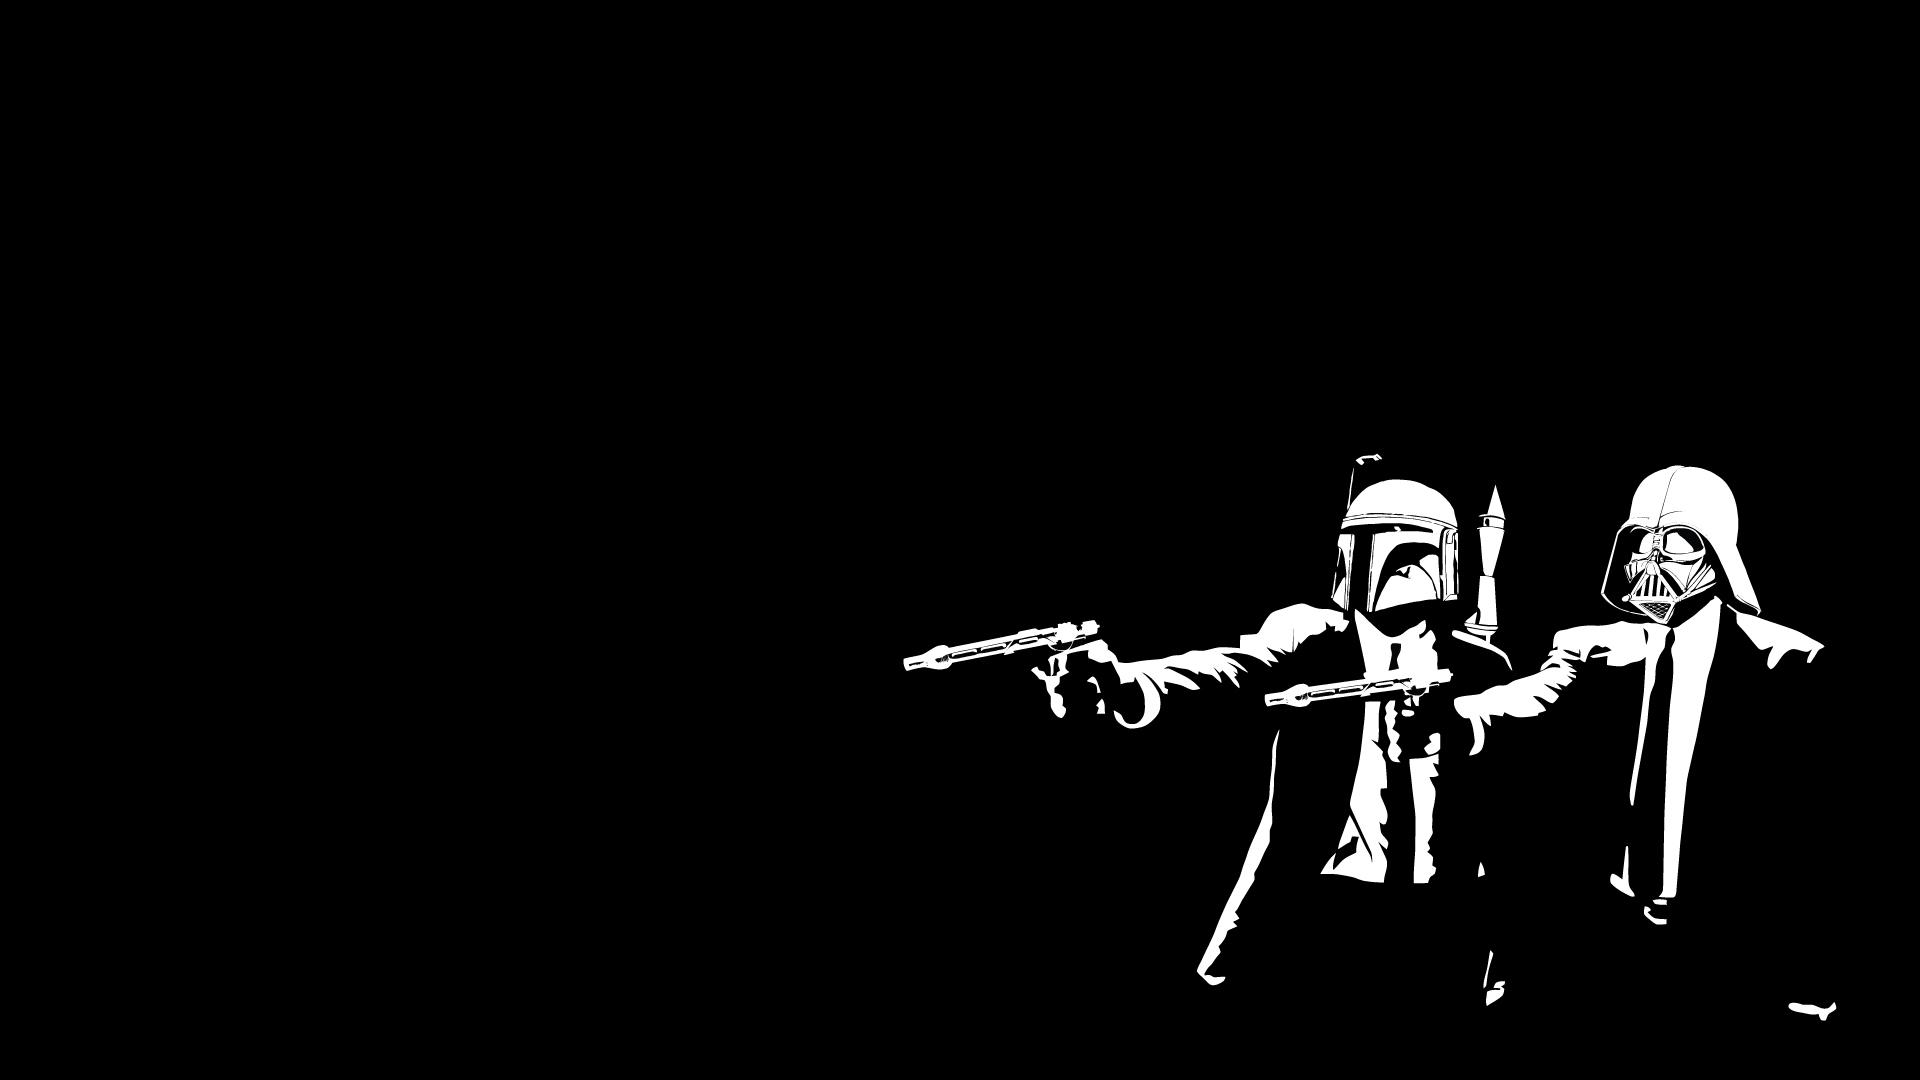 スターウォーズ・ Star Wars 【壁紙】 iPhone5 ・iPhone4 …